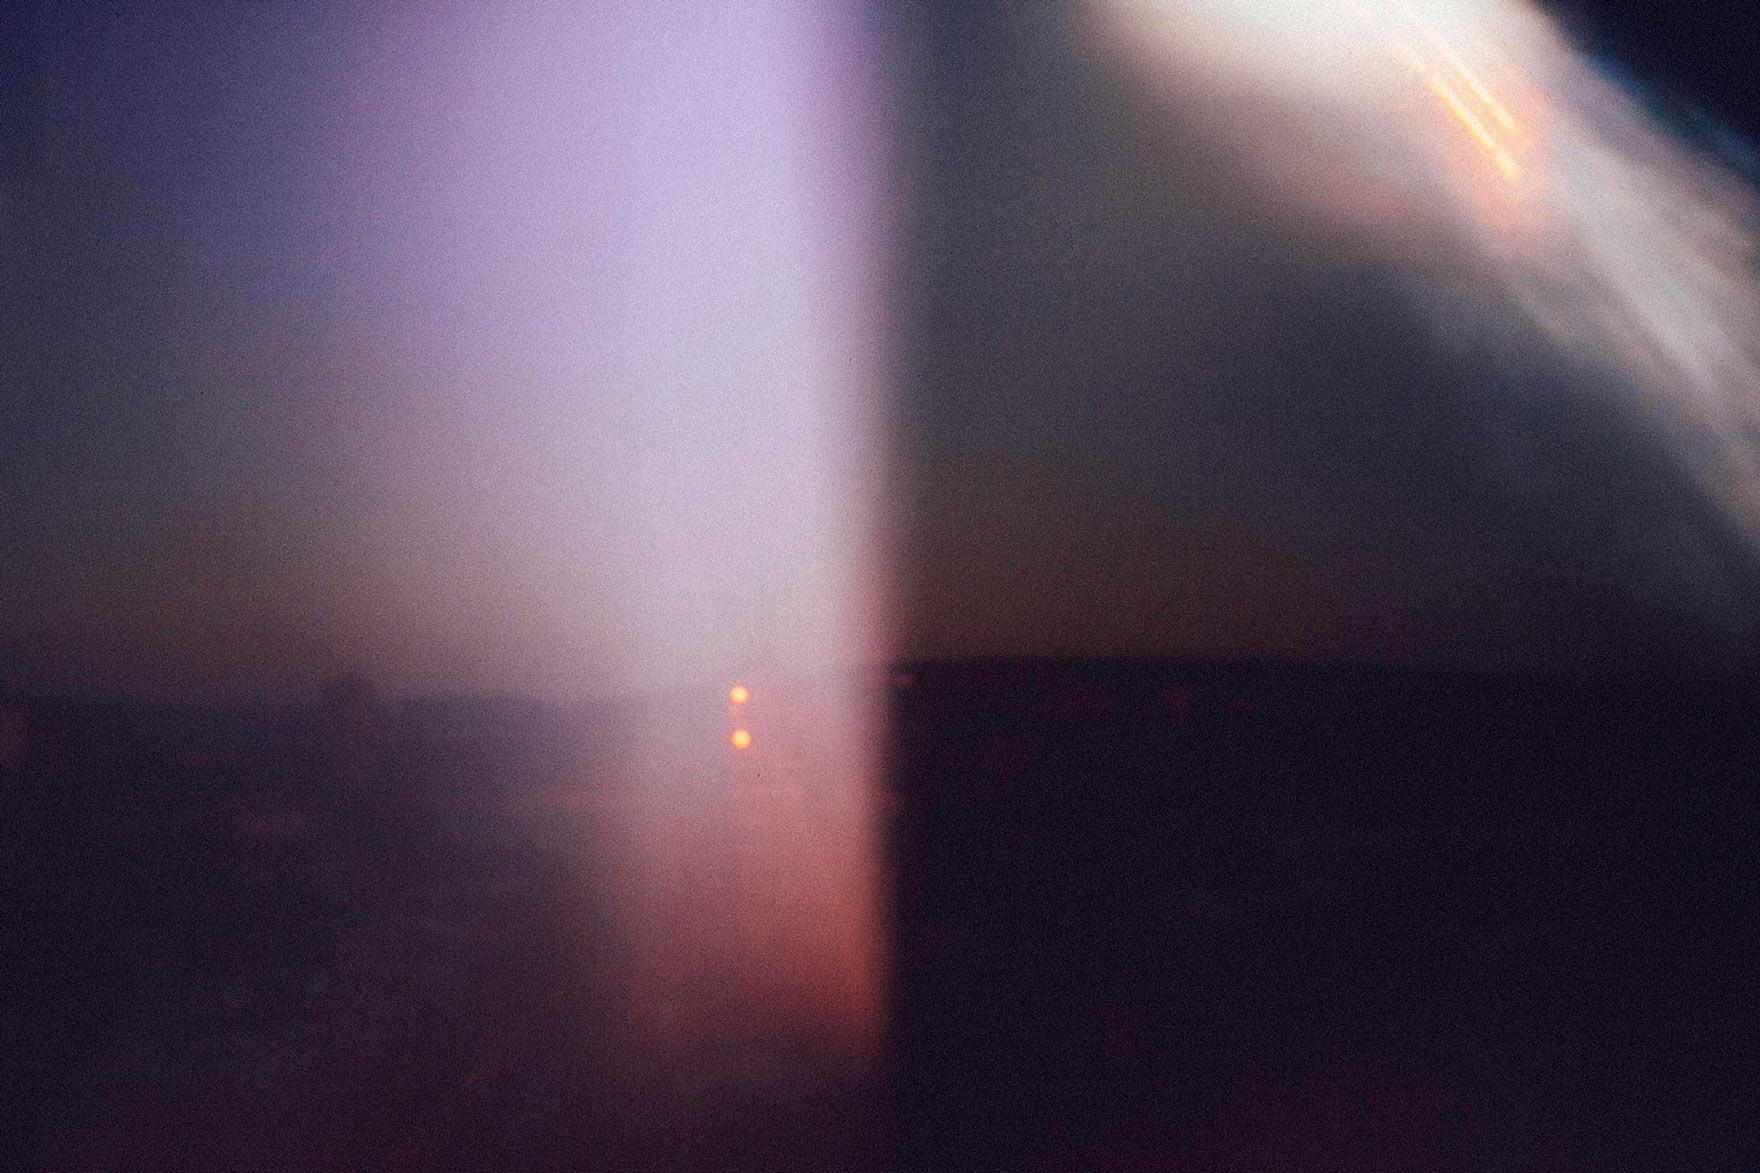 Reflex obscura